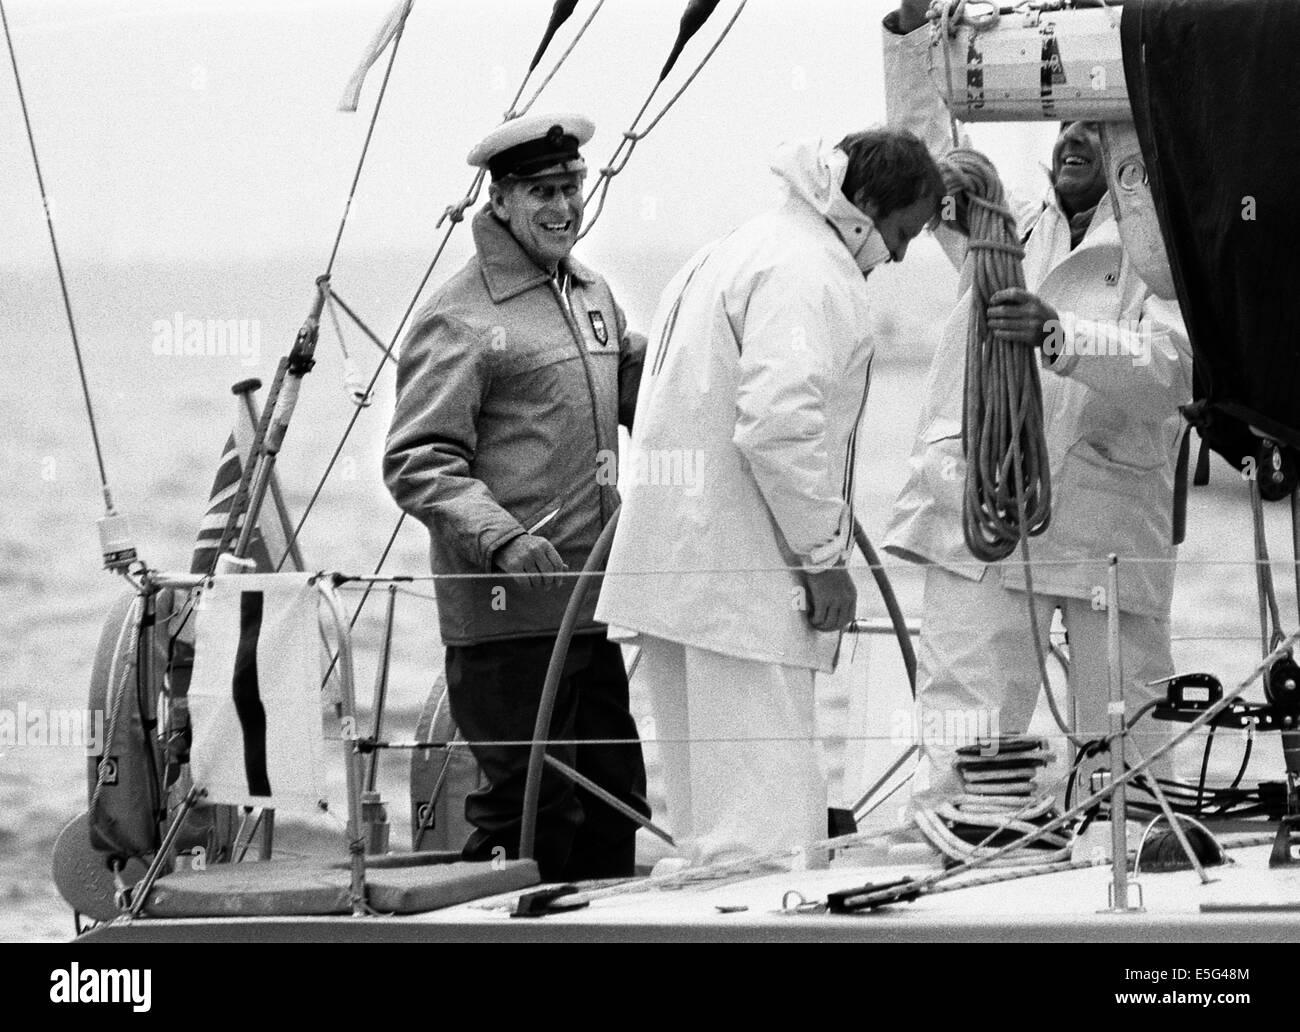 COWES, Inglaterra-Duque a cargo de Su Alteza Real el Príncipe Felipe, Duque de Edimburgo EN LA RUEDA DE YEOMAN Imagen De Stock